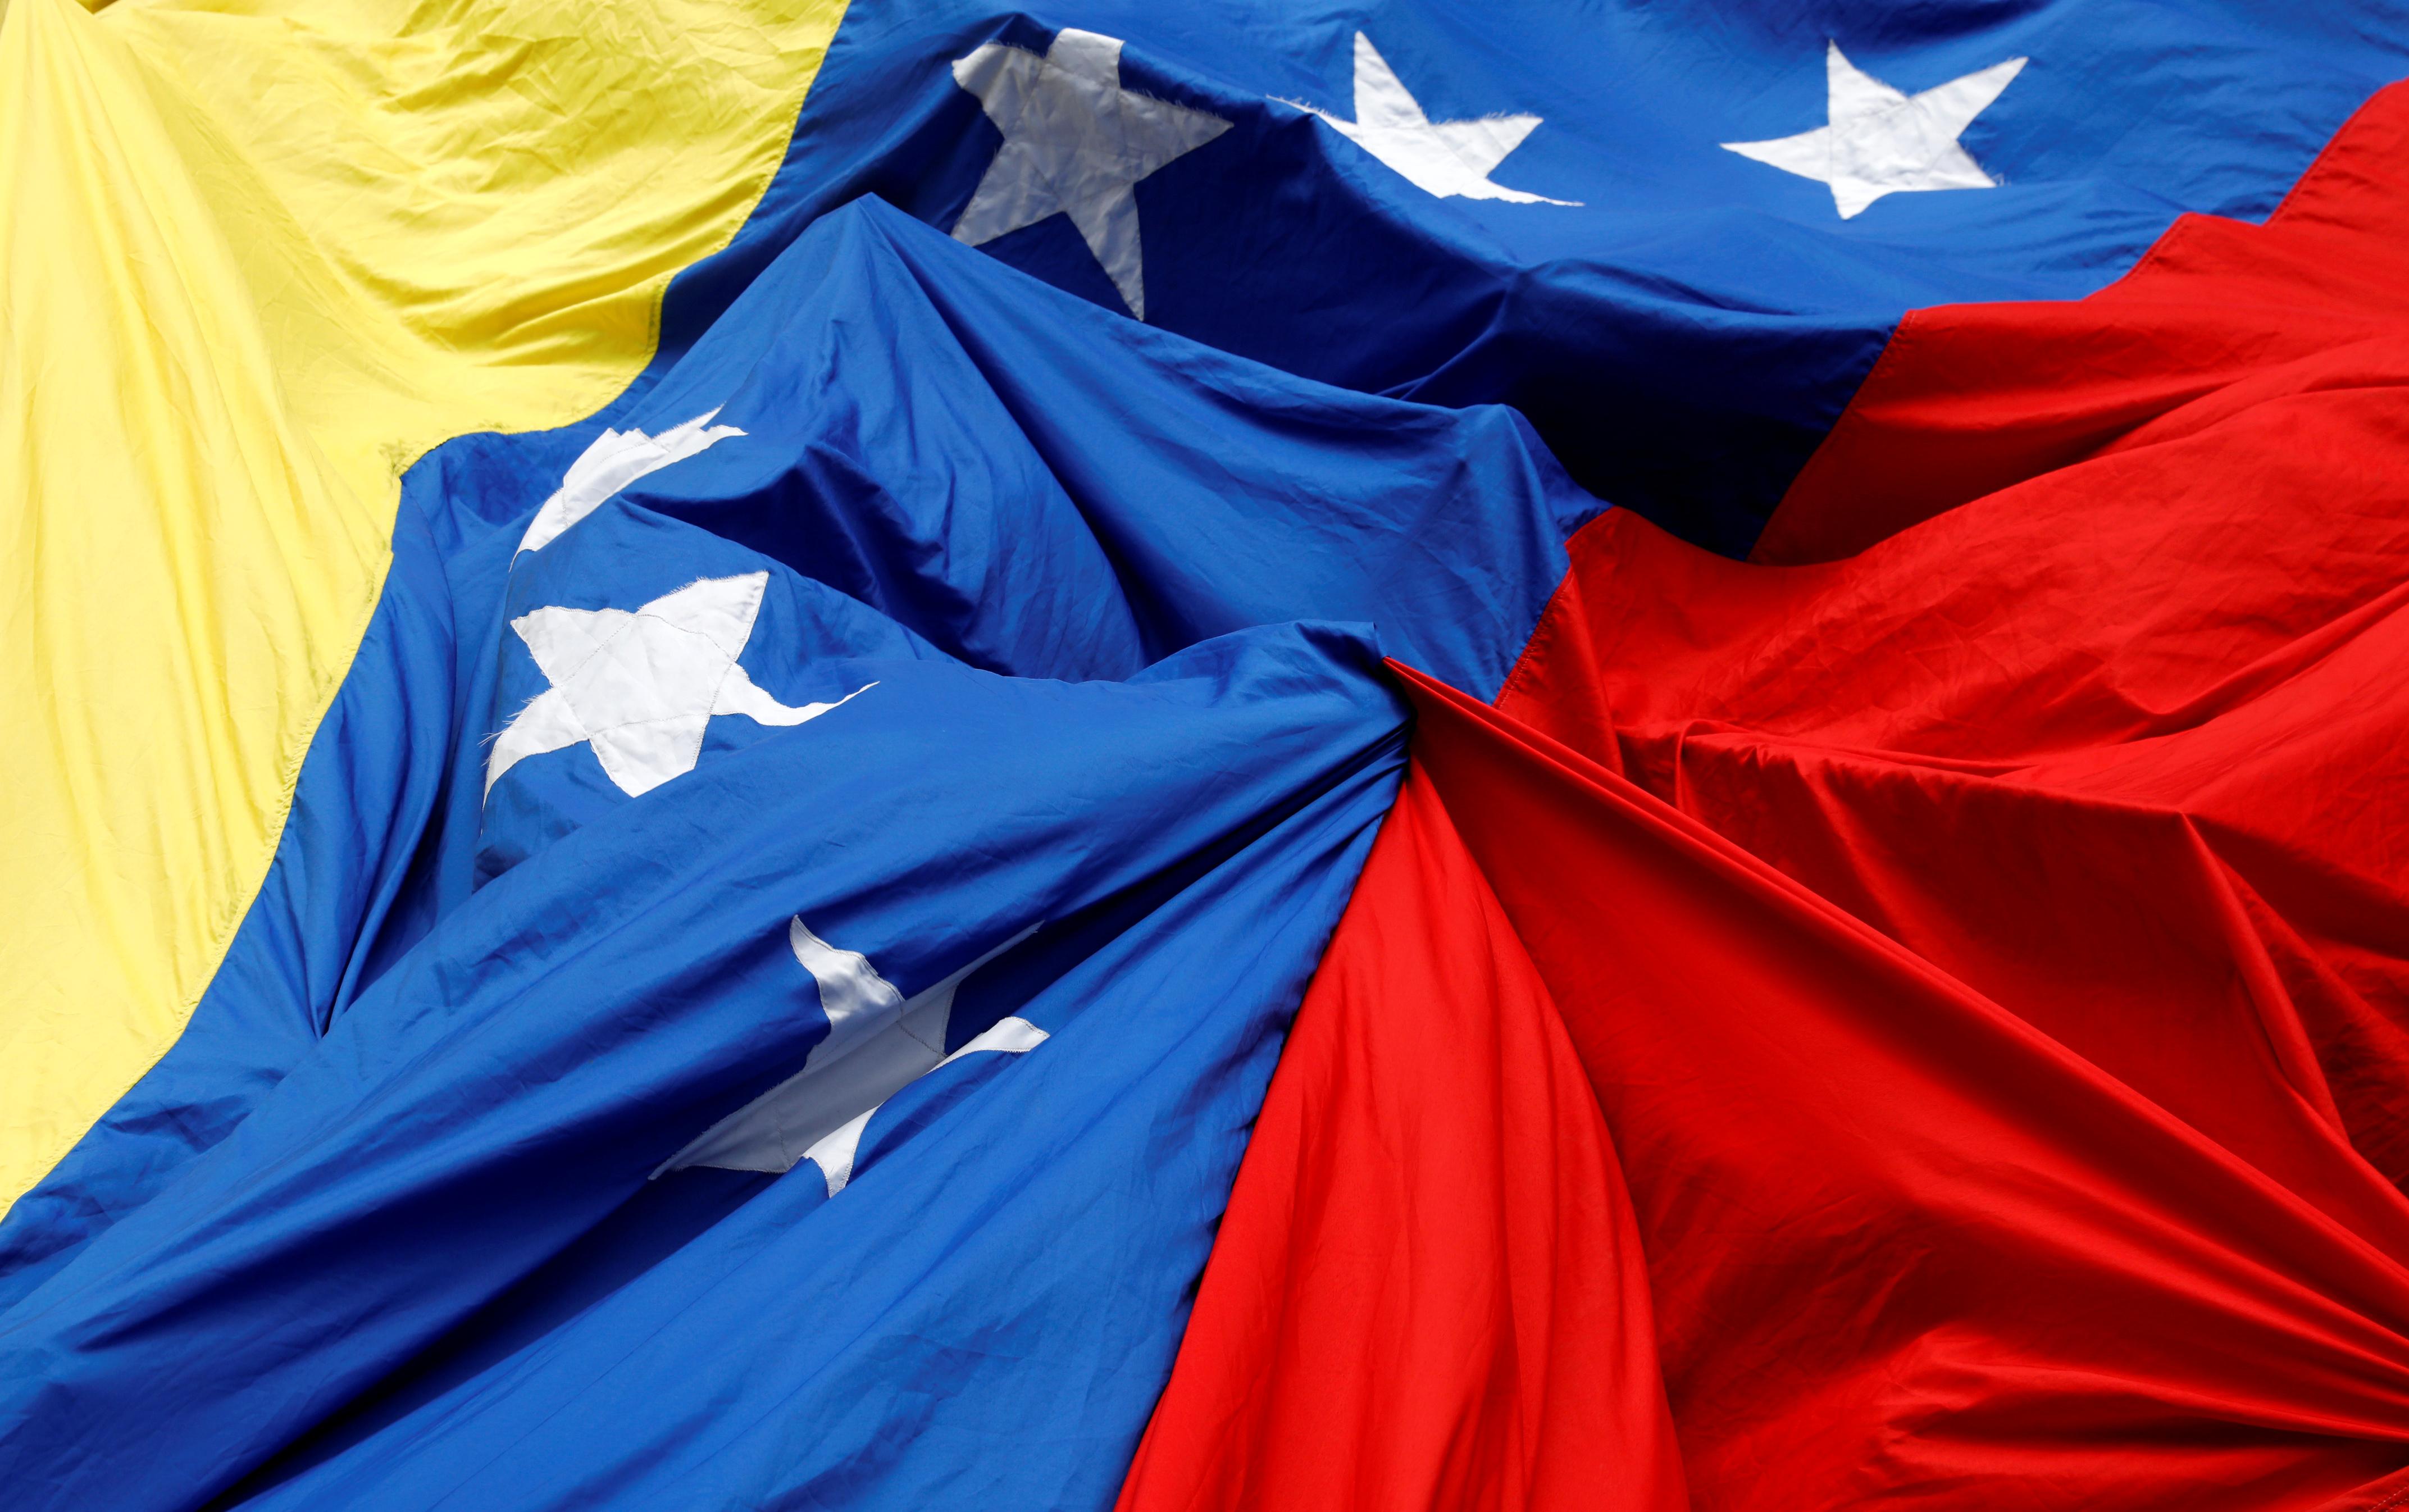 Venezuela: Maduro ferme les frontières pour empêcher la livraison d'aide